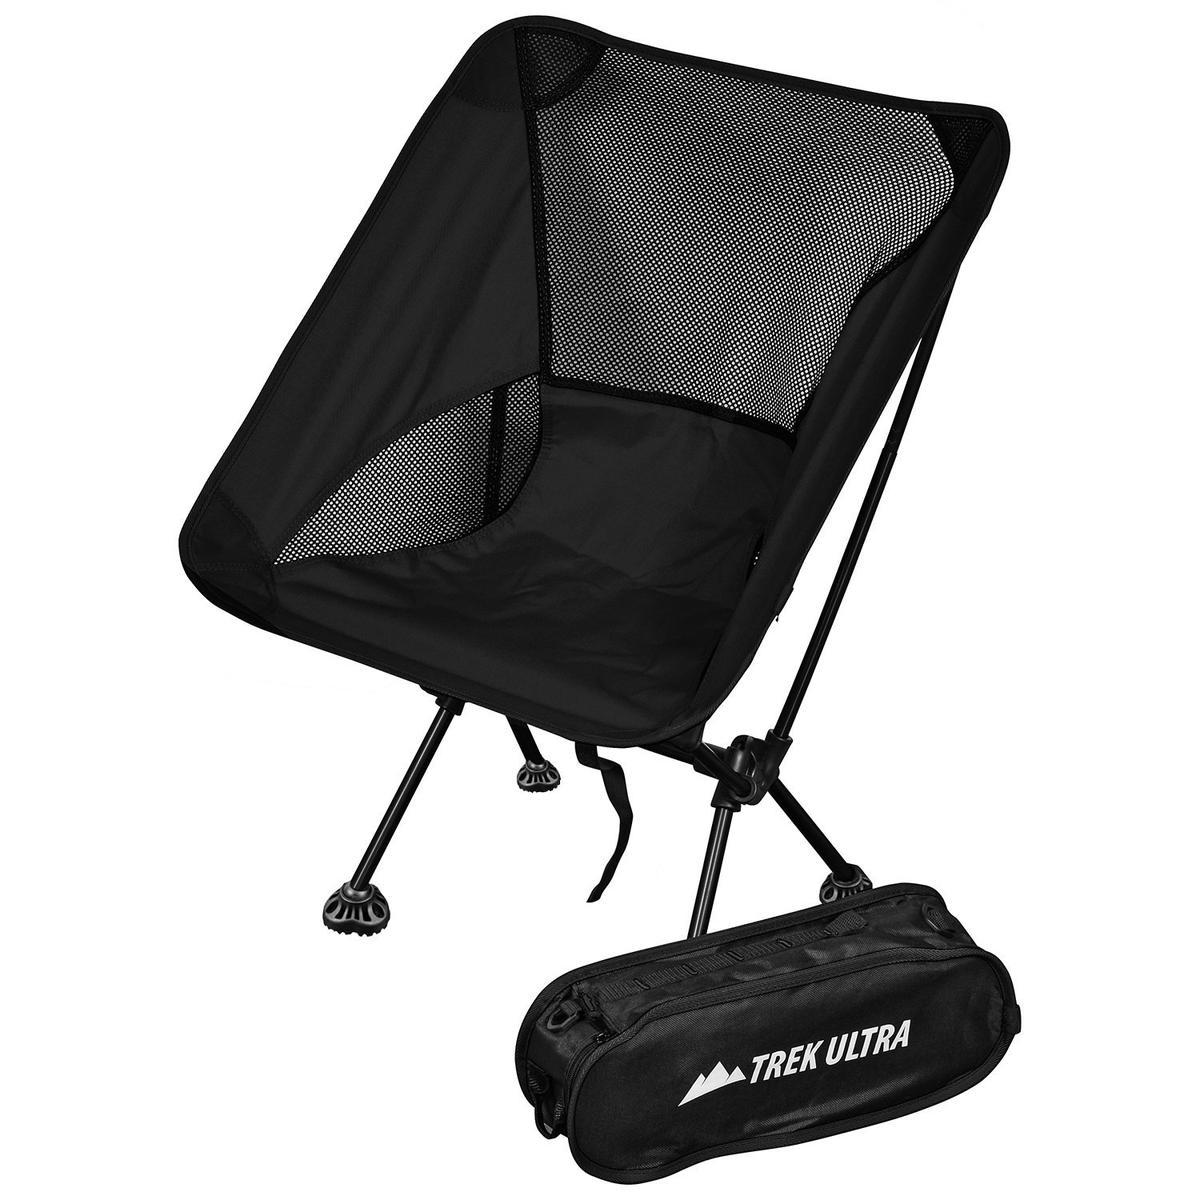 折りたたみイス 持ち運び バッグ付き チェア ブラック 椅子 ポータブル キャンプ トラベル アウトドア TrekUltra